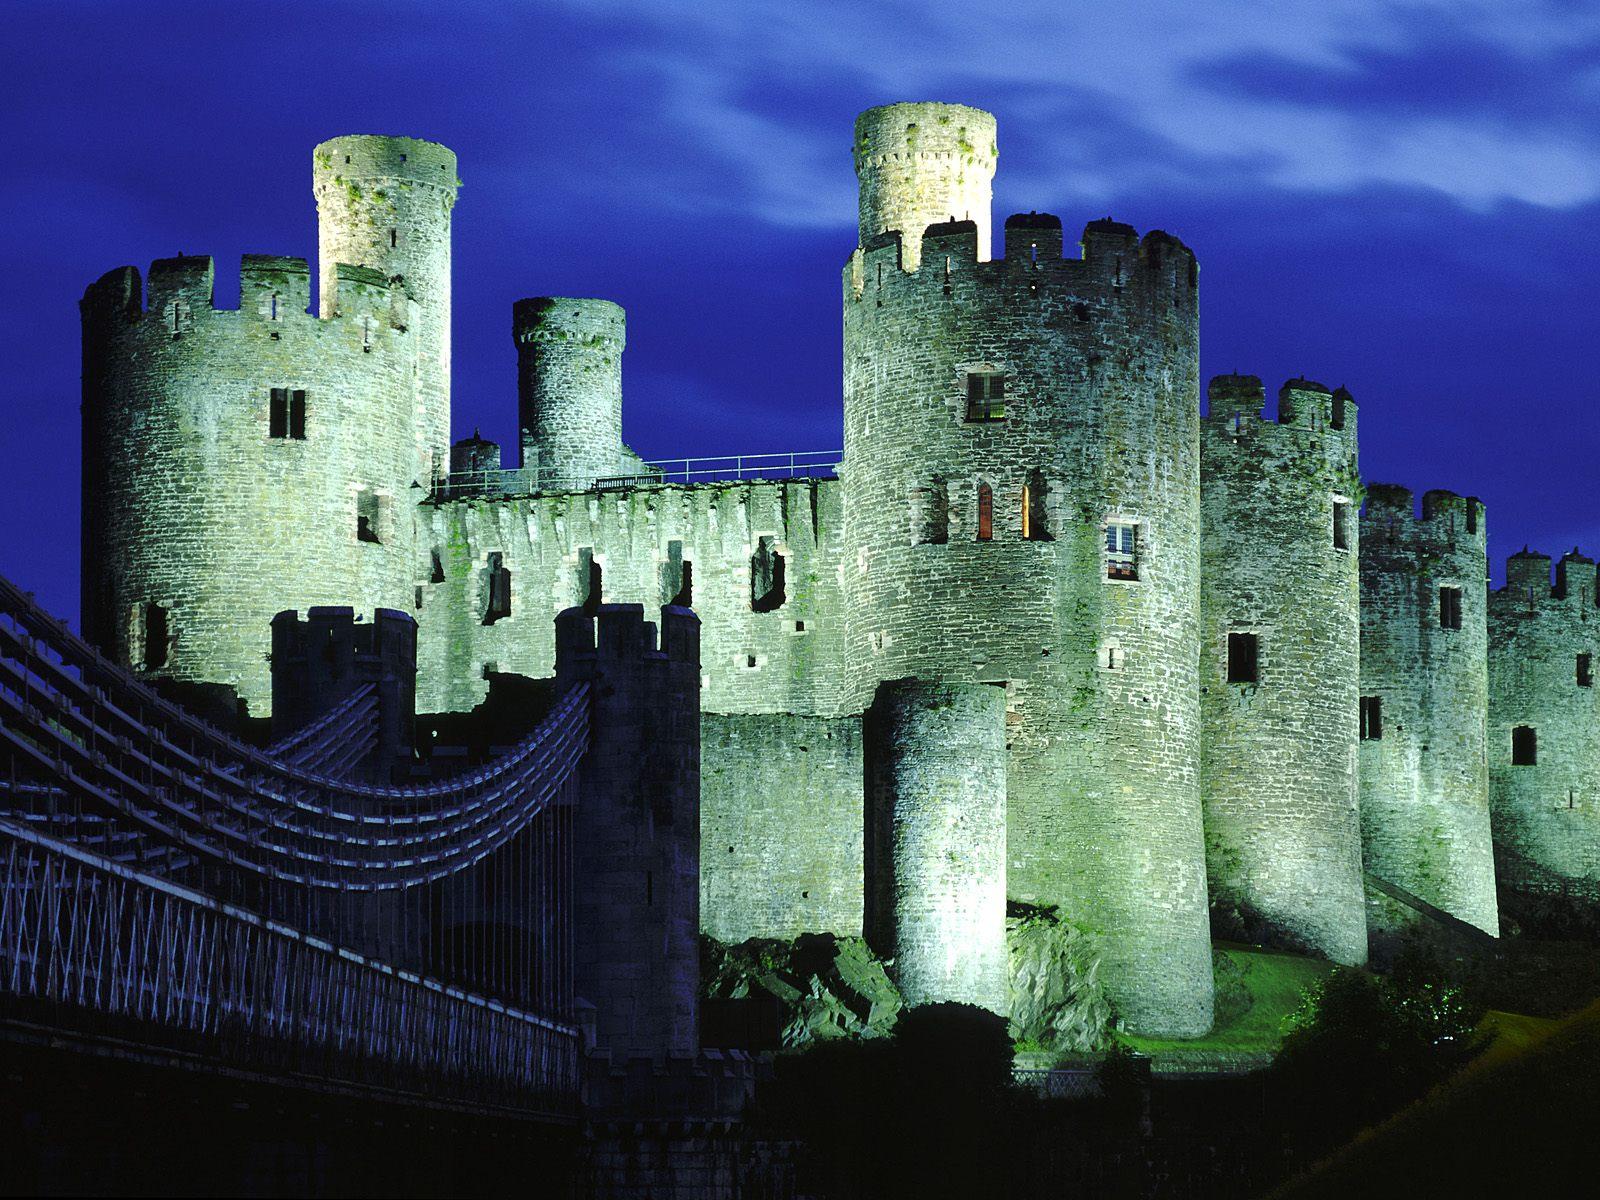 壁纸1600×1200英国威尔士 世界文化遗产康威城堡壁纸壁纸 文化之旅地理人文景观一壁纸图片人文壁纸人文图片素材桌面壁纸